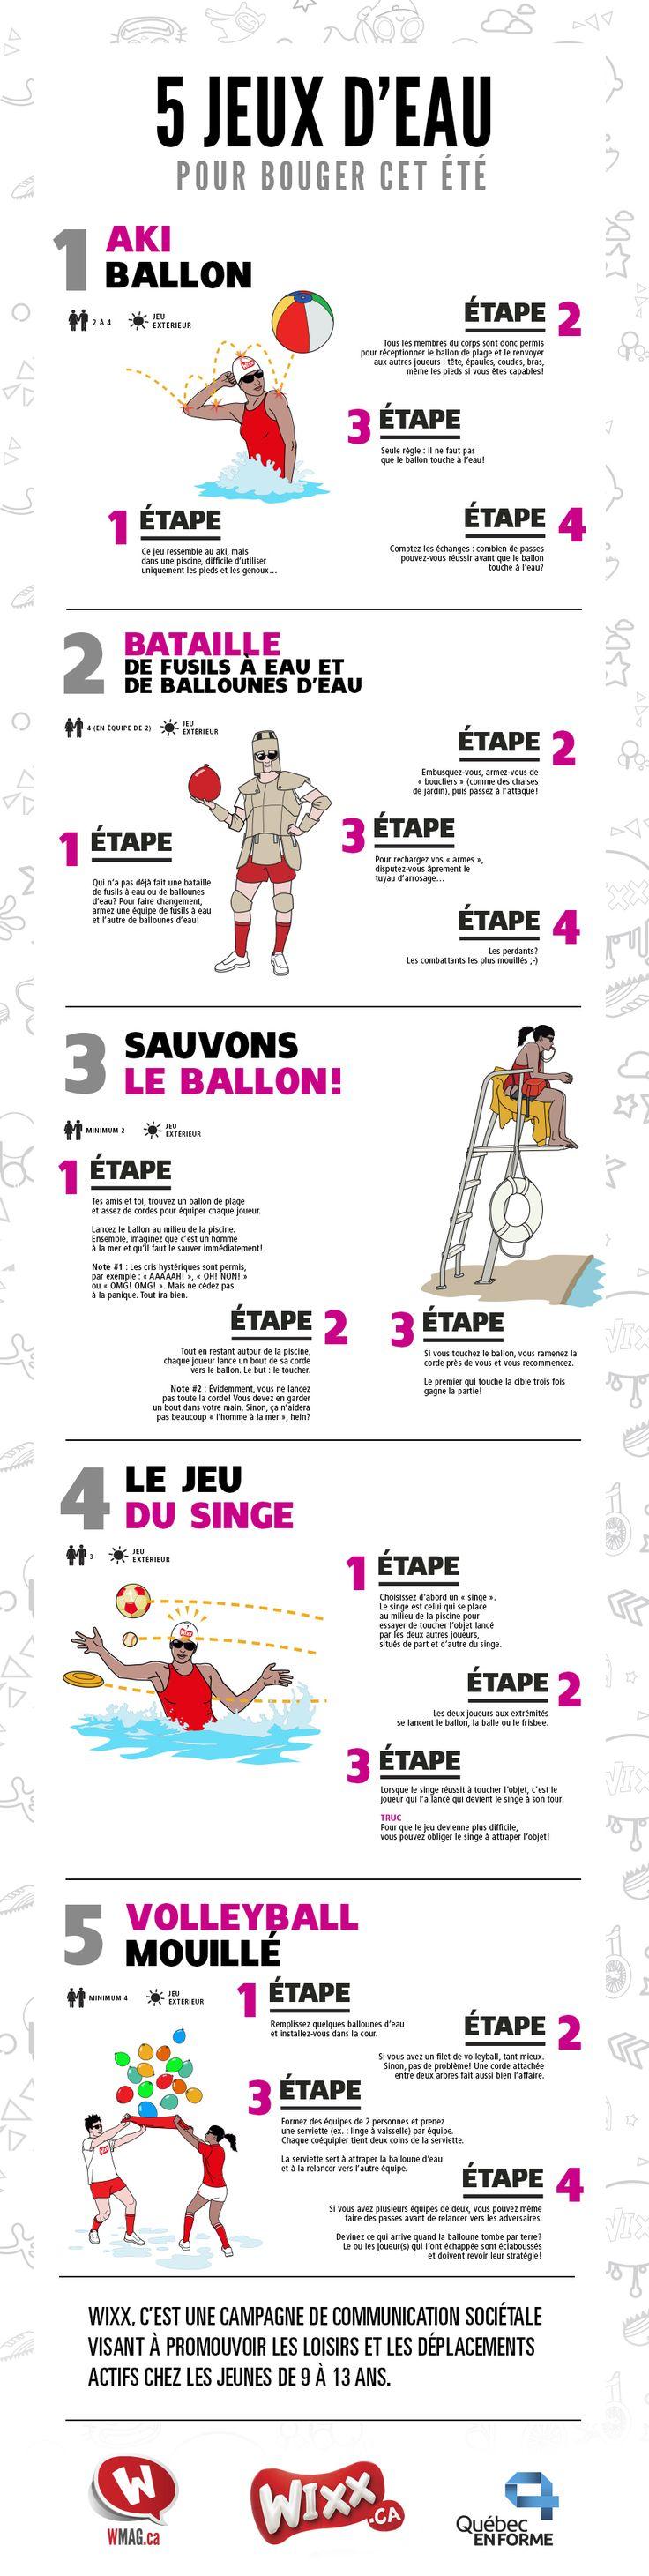 5 jeux d'eau pour vous rafraîchir - pour bouger cet été - get moving in the summer - français - French